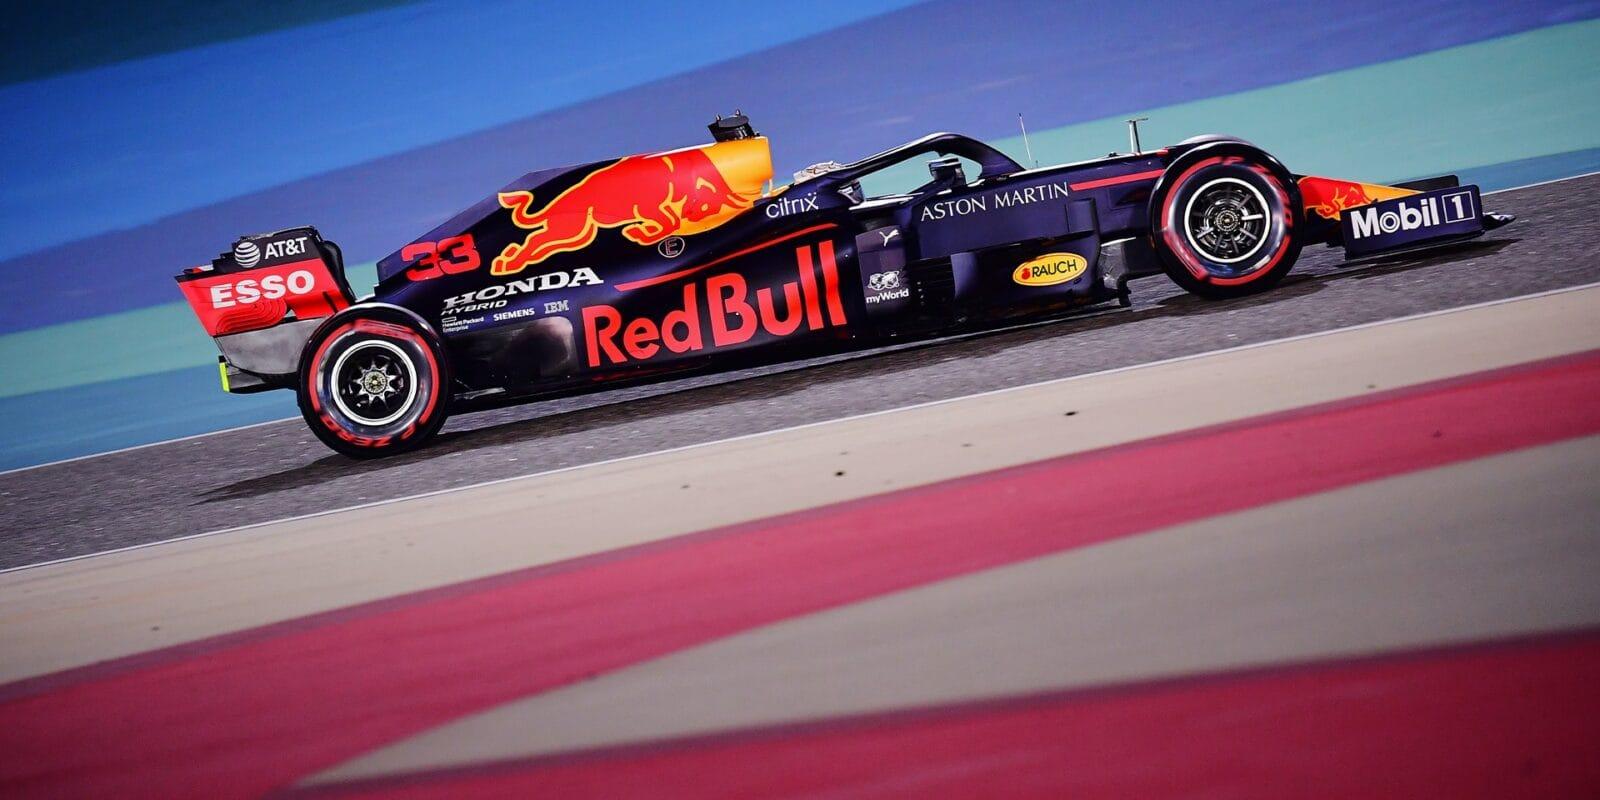 Red Bull doufá, že zítra dokáže bojovat s mercedesy